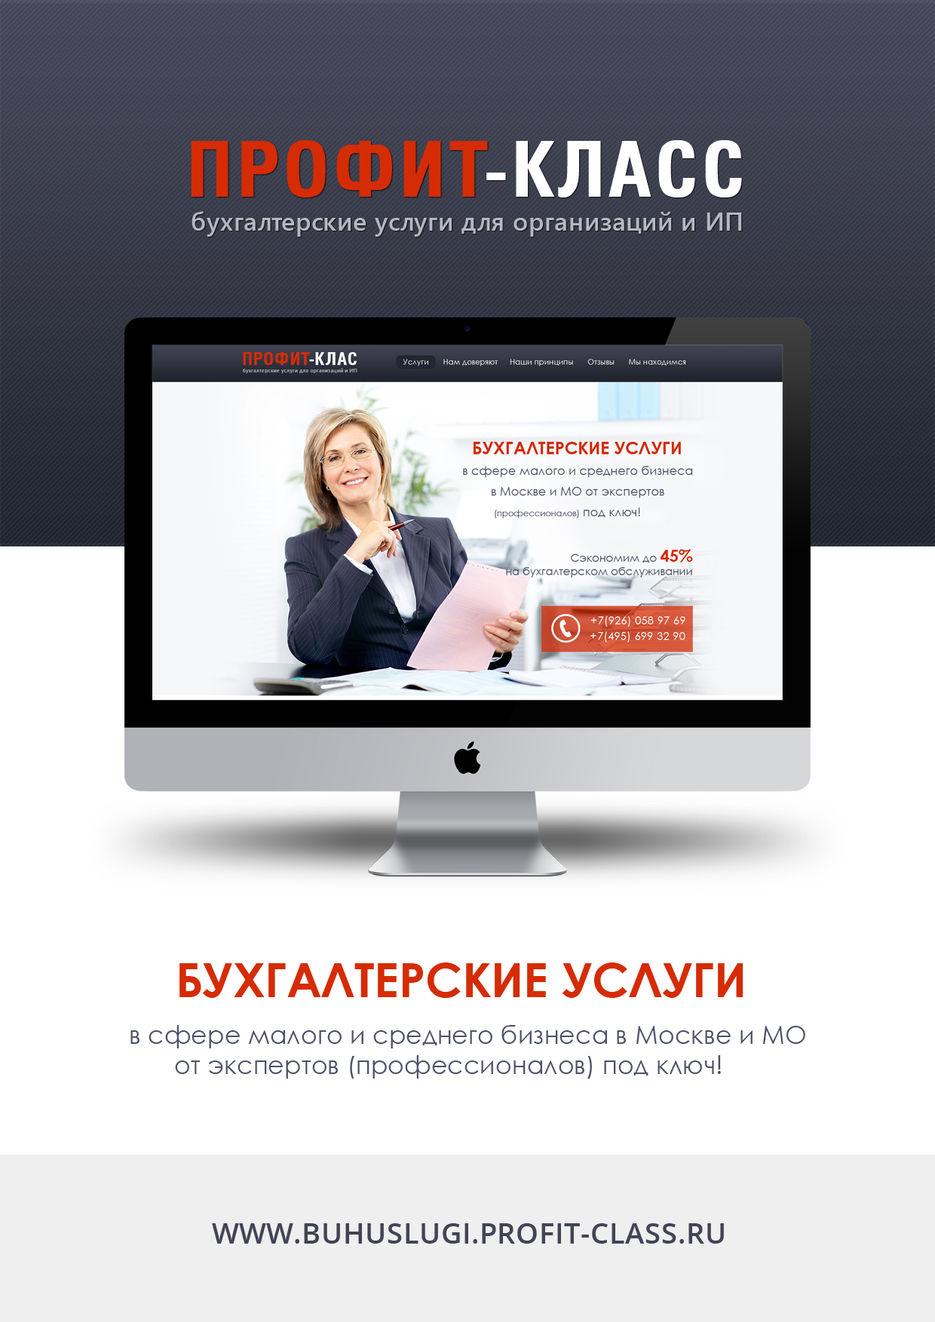 Т профит бухгалтерские услуги бухгалтер в бюджетную организацию в екатеринбурге вакансии